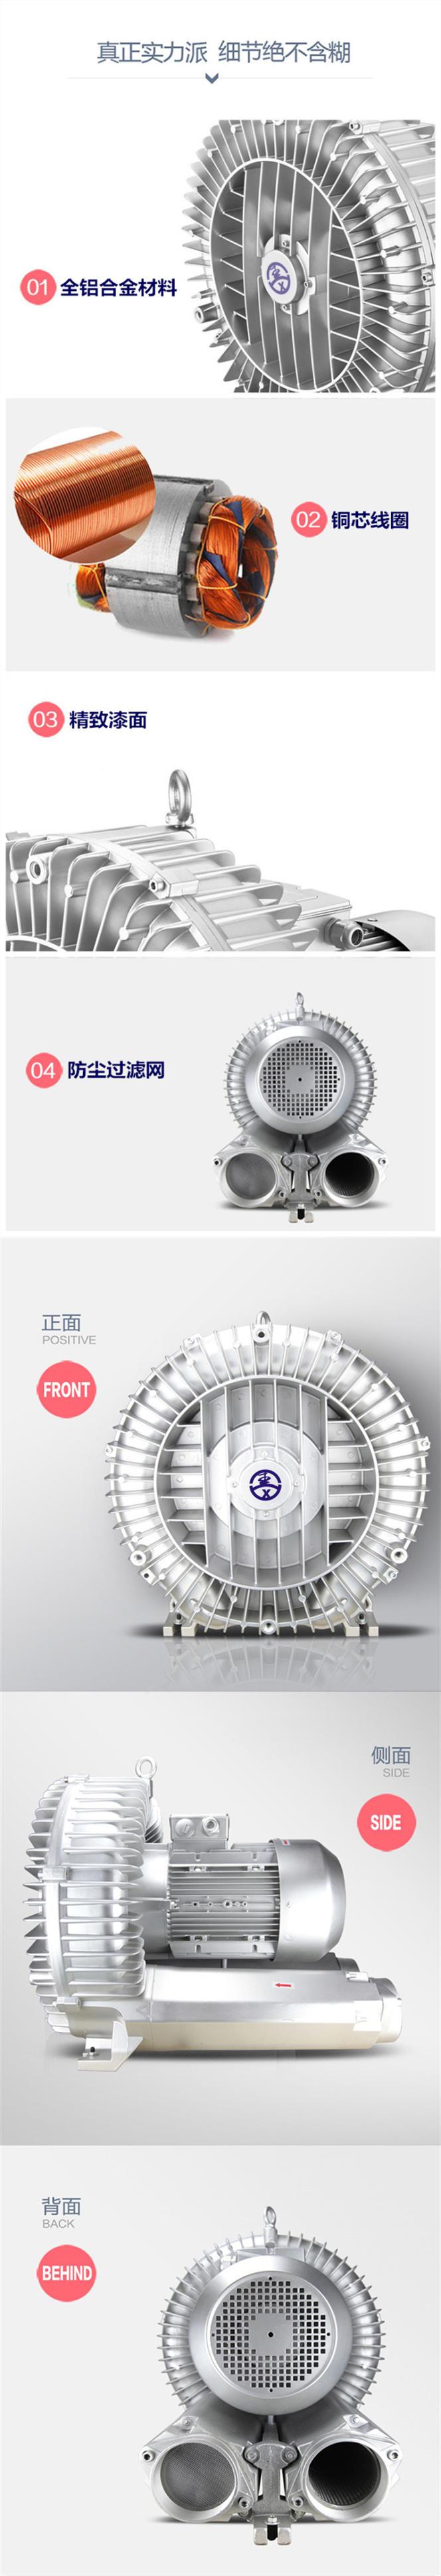 优质高压风机 真空泵 高压风机 长宁单段高压风机示例图4